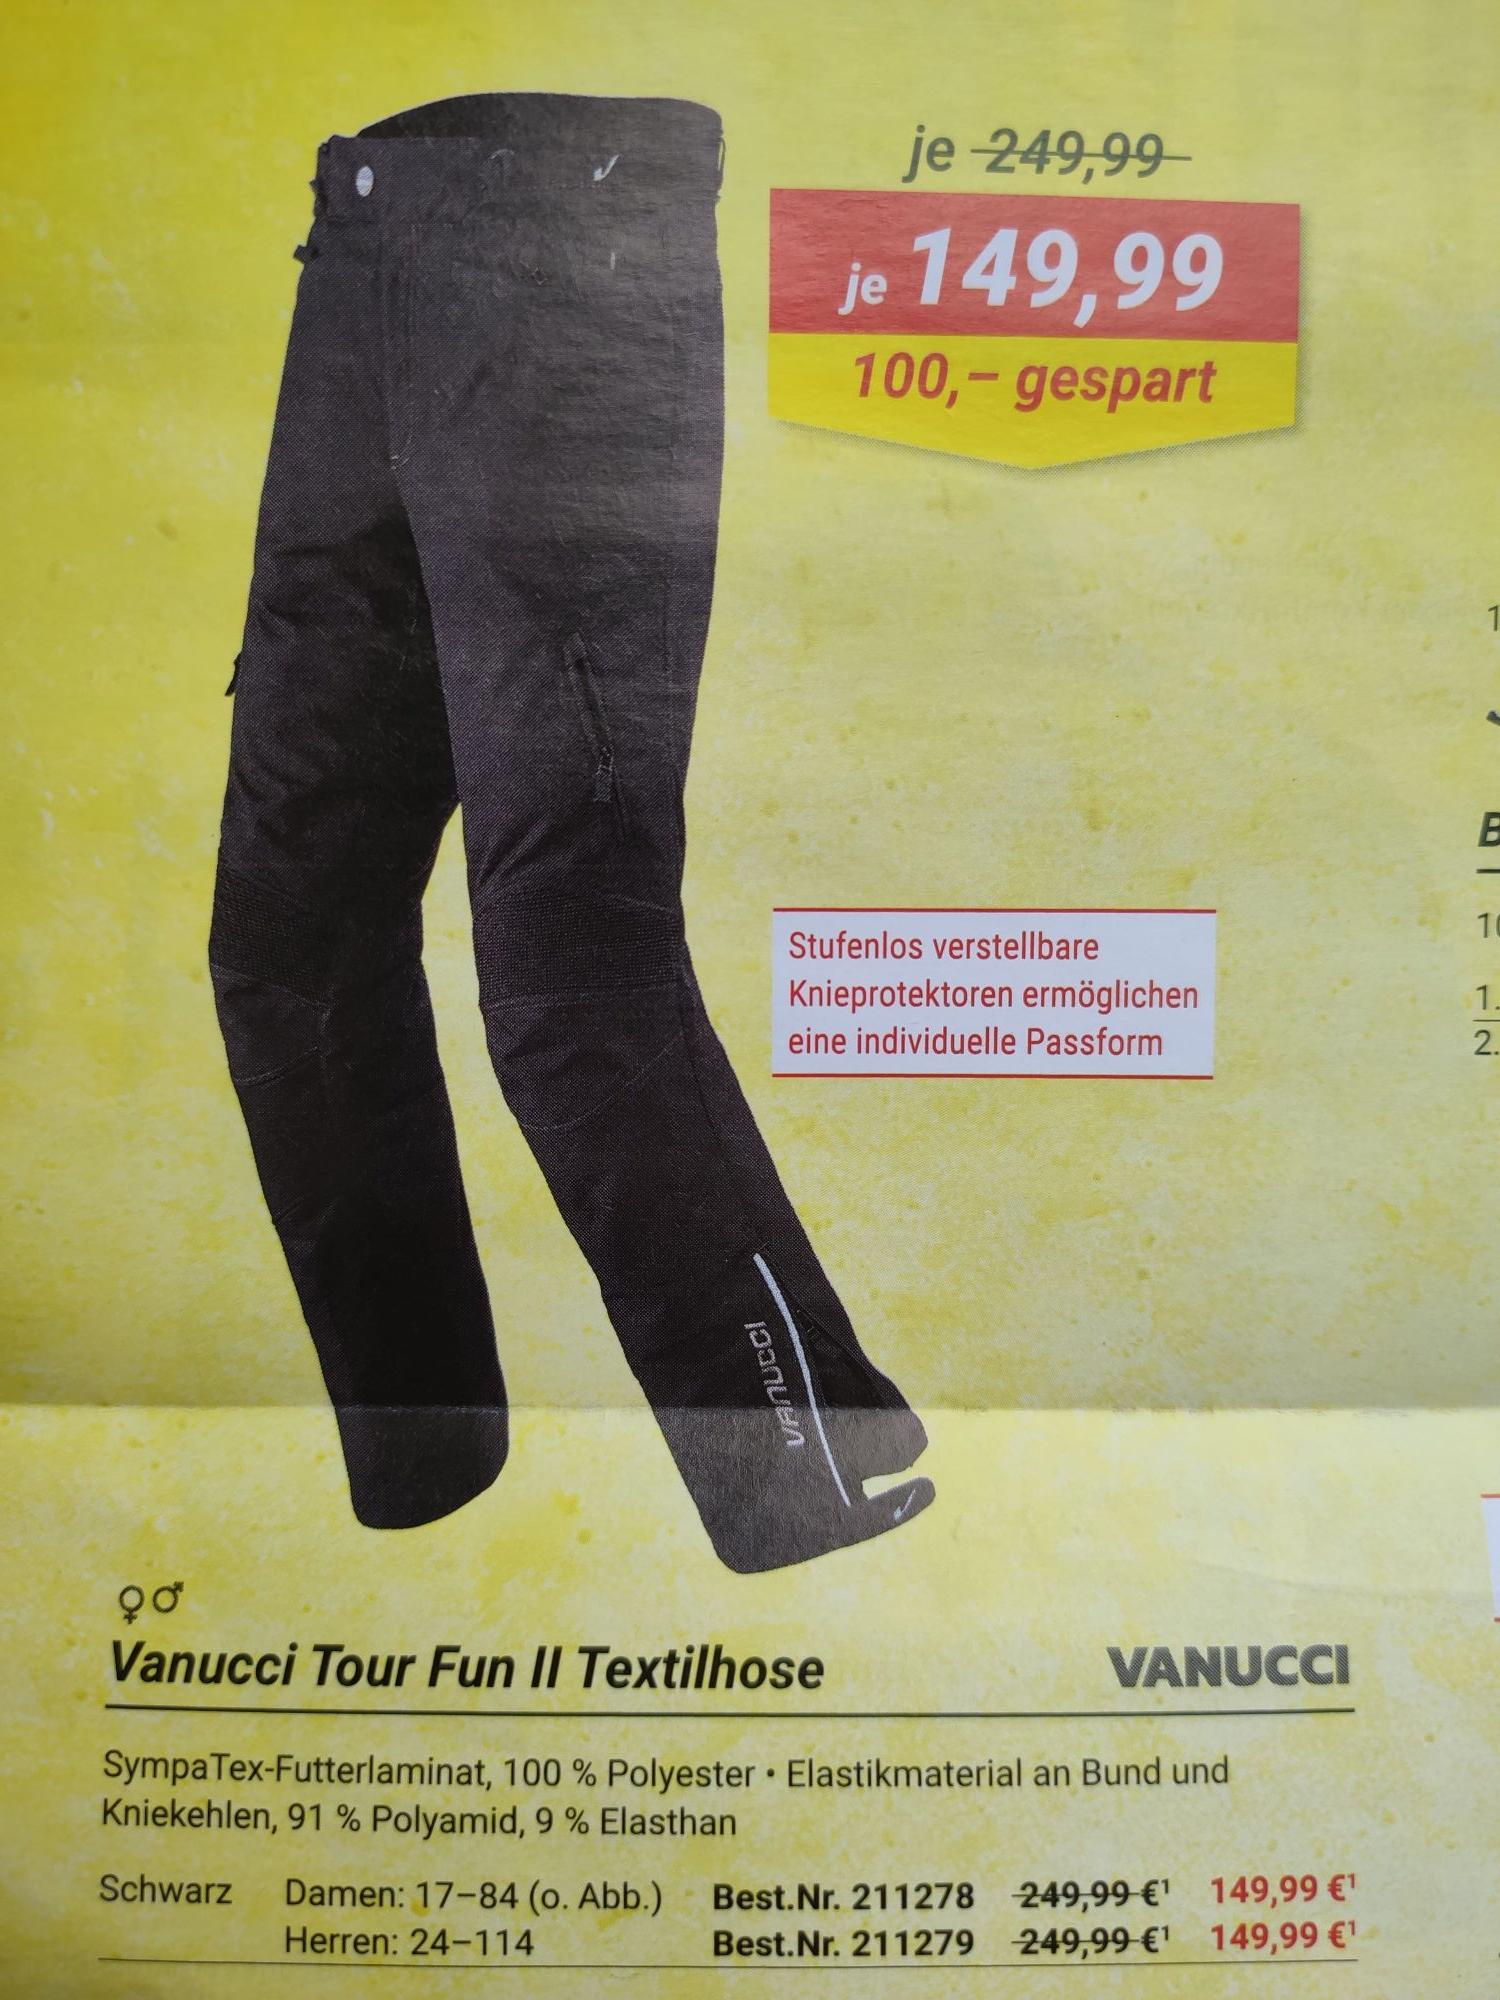 Vanucci Tour Fun II Motorrad Textilhose für Herren & Damen bei Louis für 146,20€ statt 249,99€